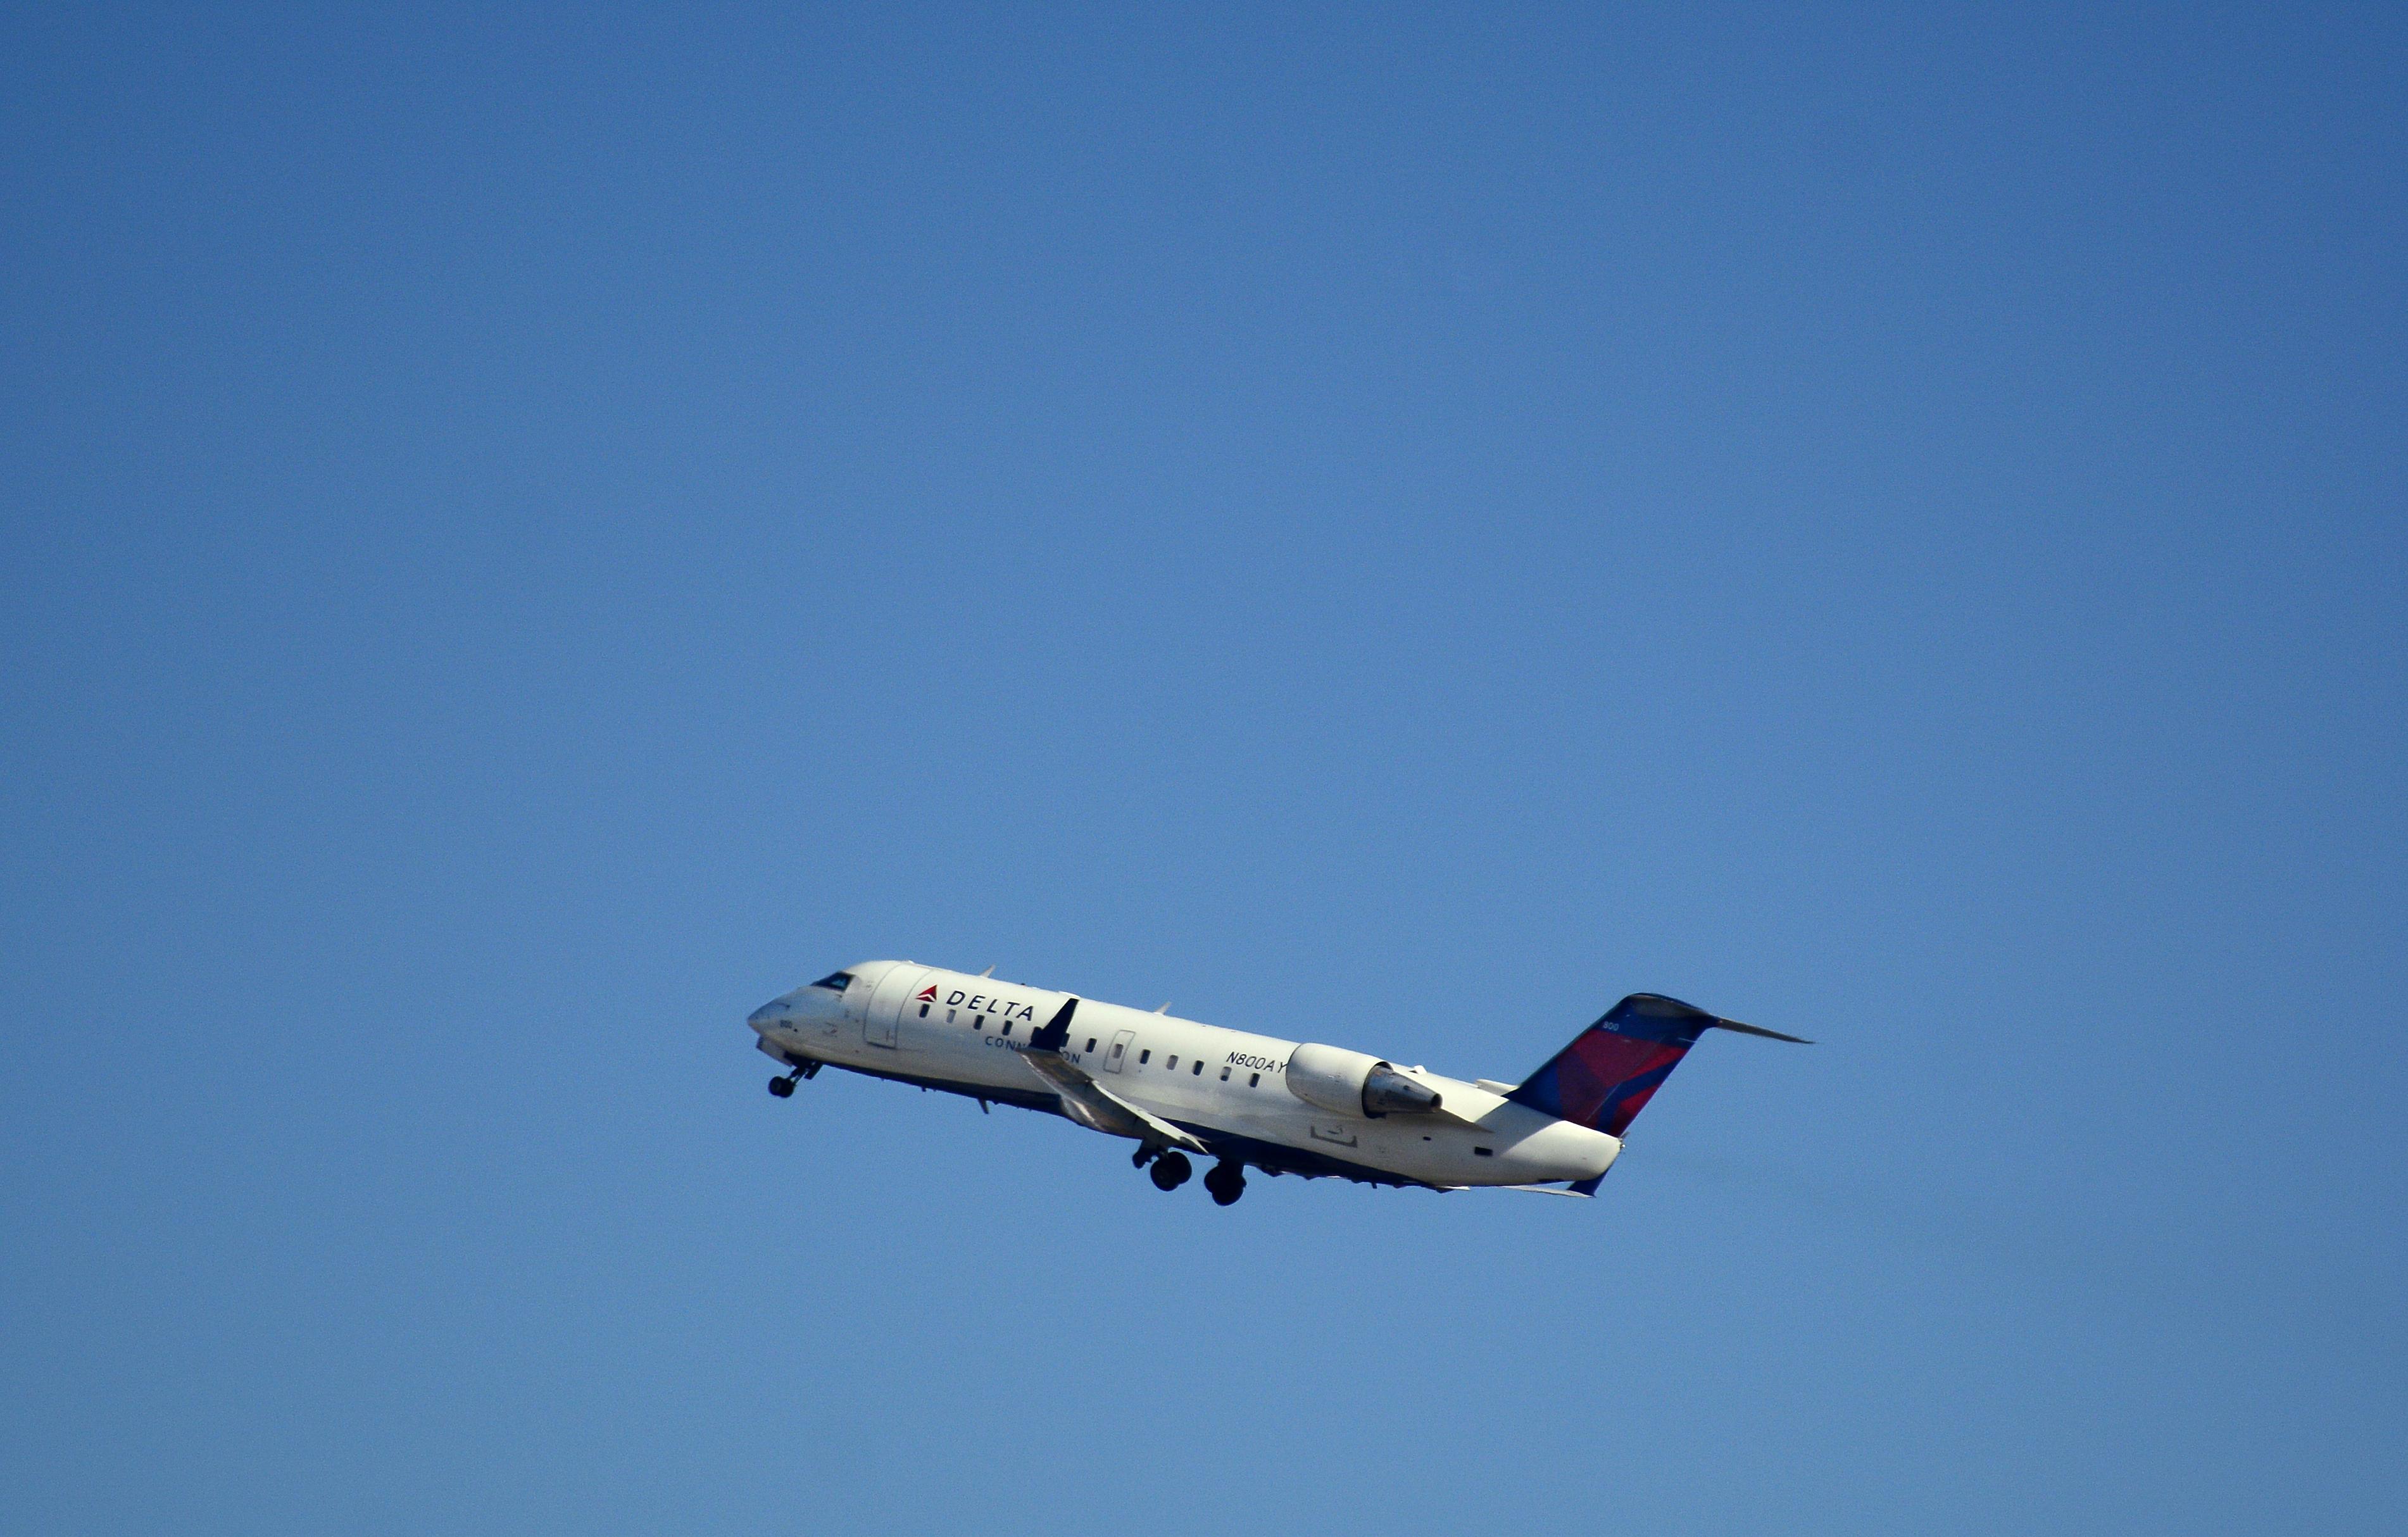 A Delta Connection passenger jet.